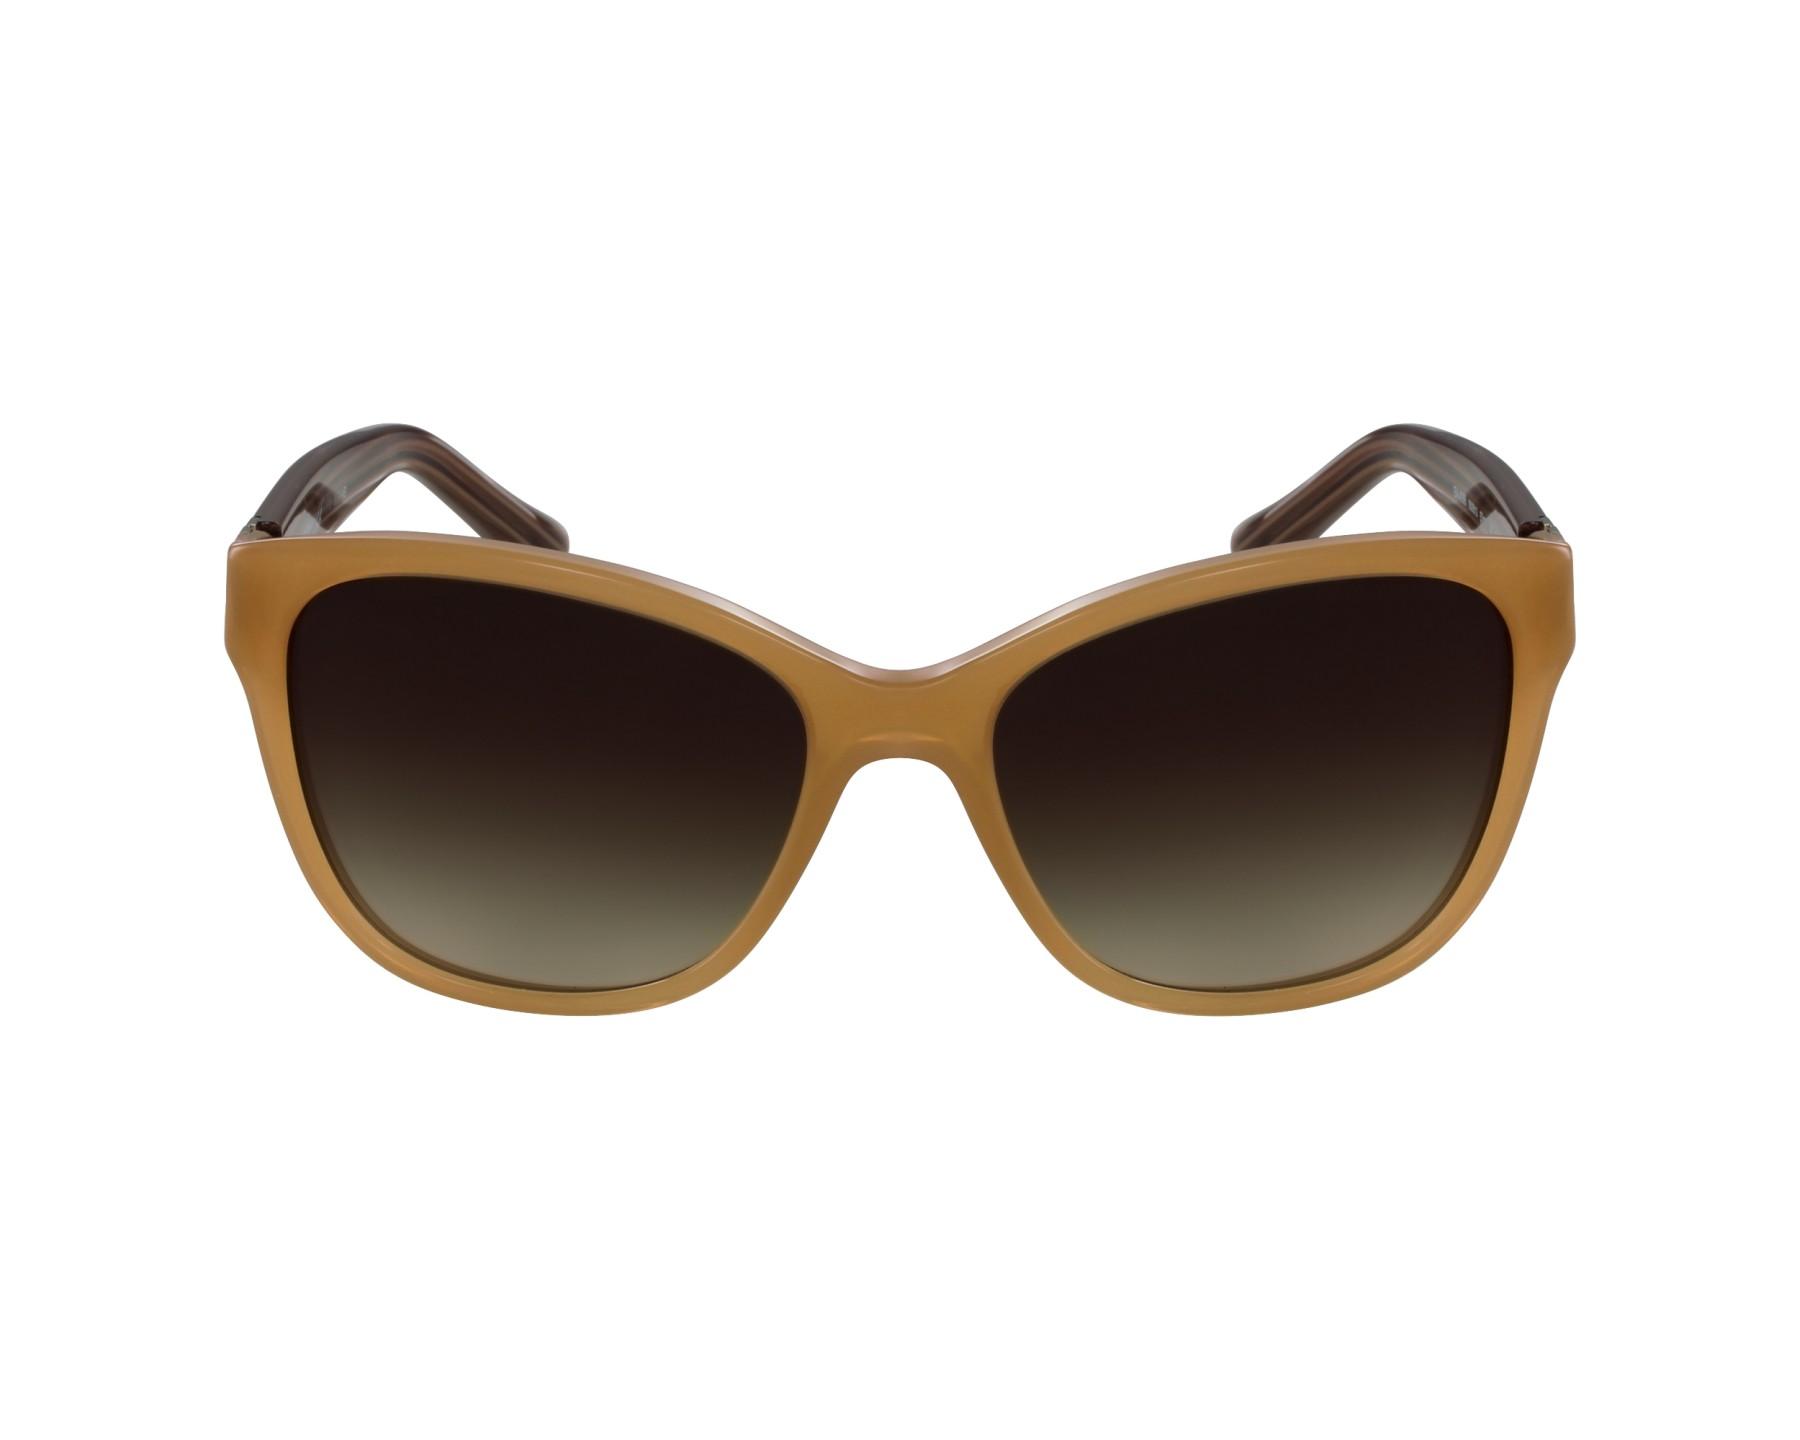 Lunettes de soleil emporio armani ea 4068 5506 13 beige avec des verres marron - Verre lunette raye assurance ...